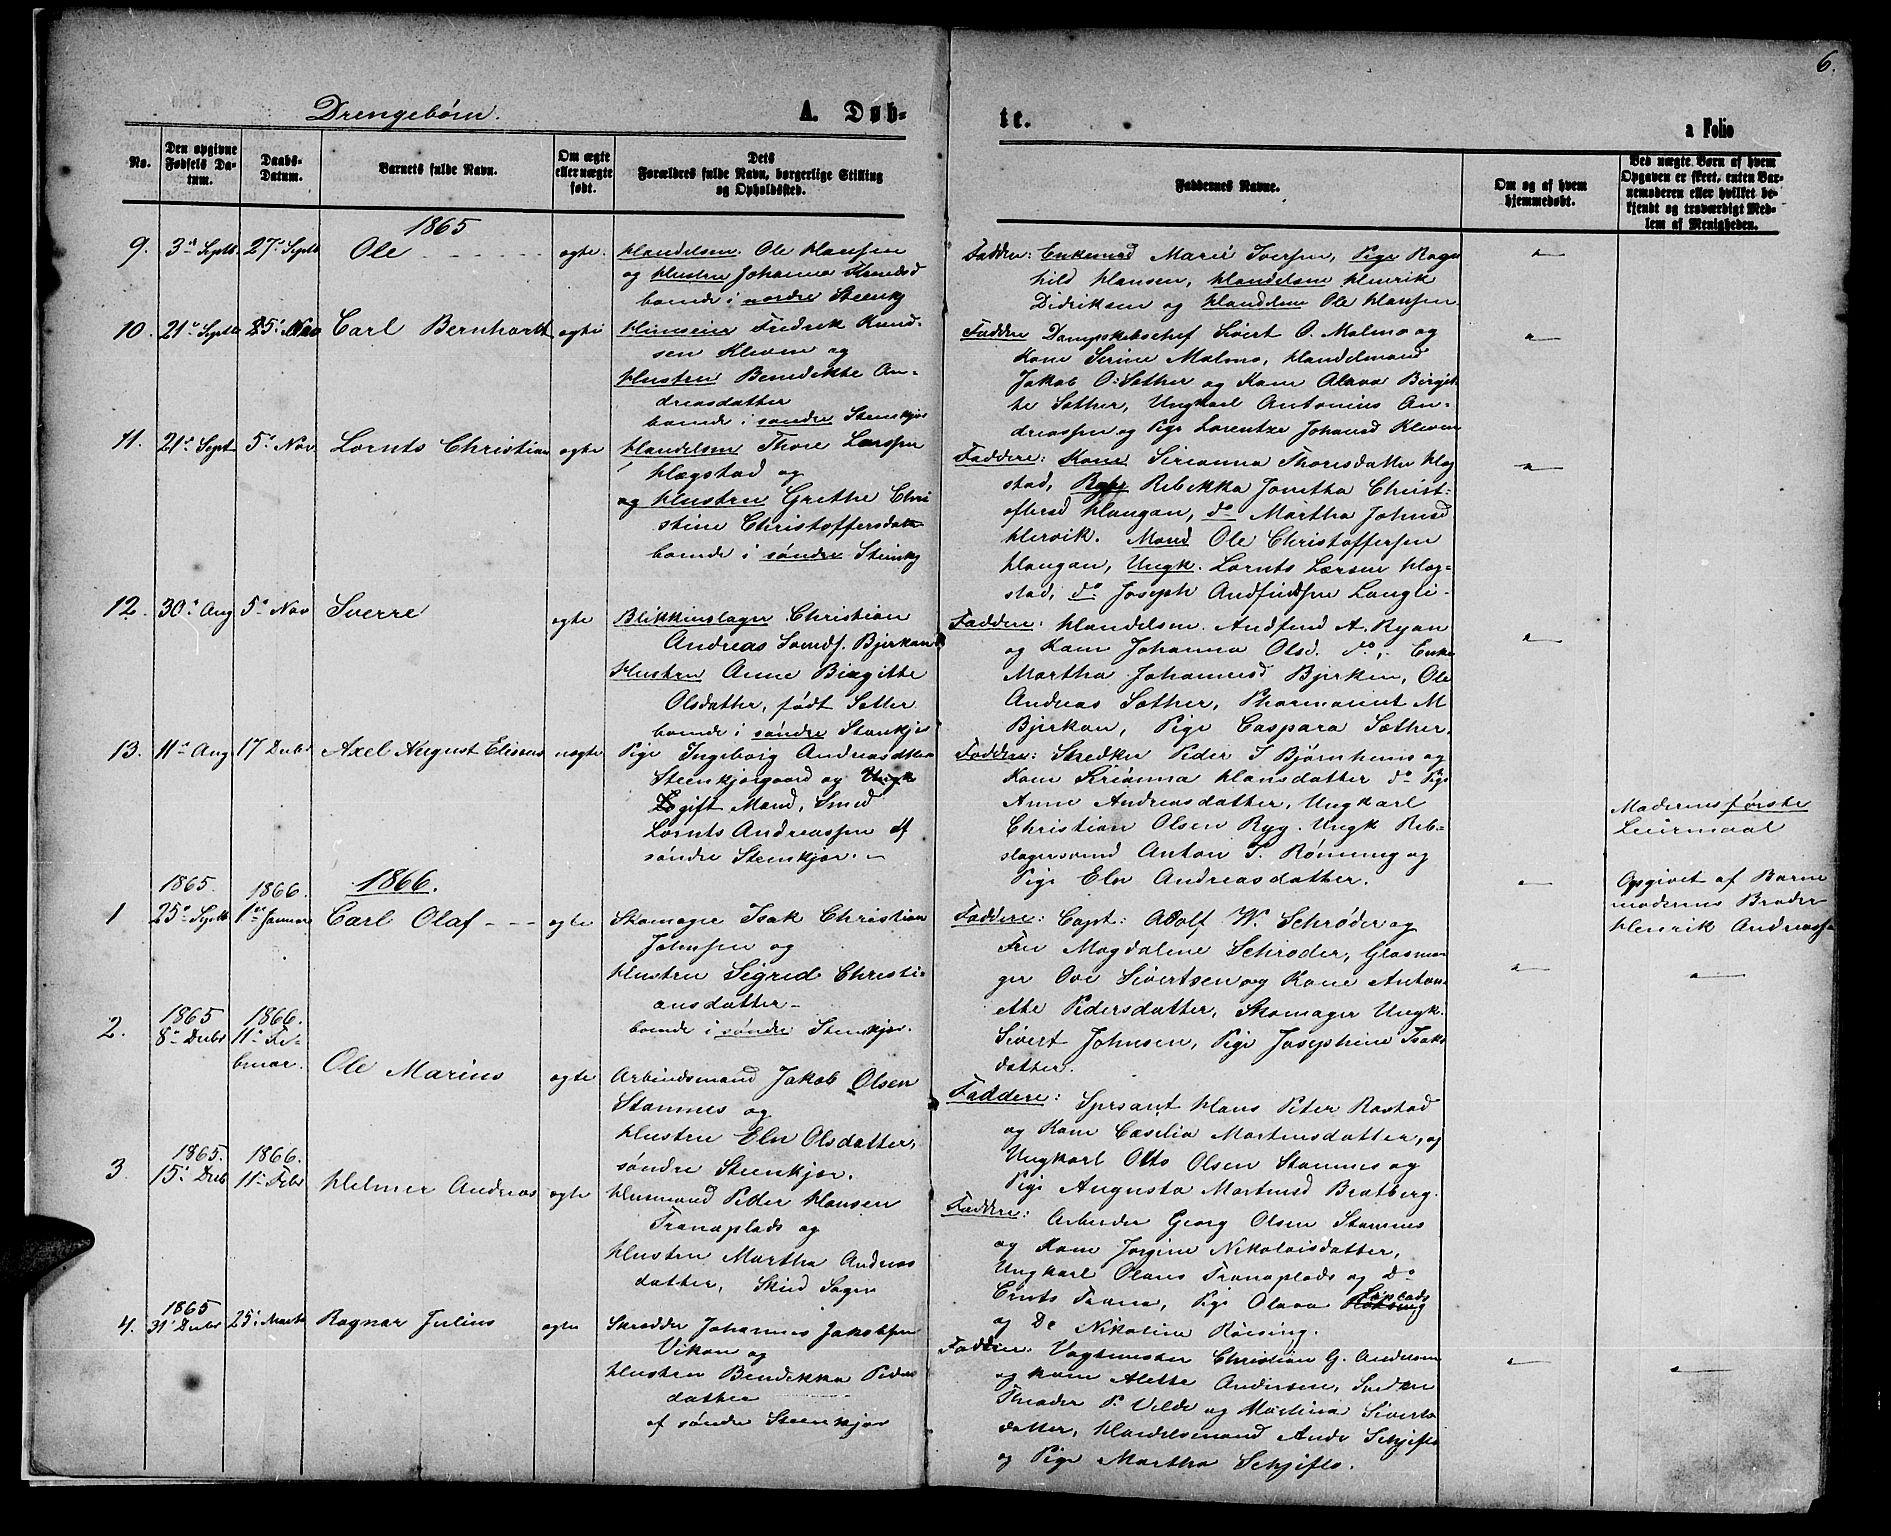 SAT, Ministerialprotokoller, klokkerbøker og fødselsregistre - Nord-Trøndelag, 739/L0373: Klokkerbok nr. 739C01, 1865-1882, s. 6